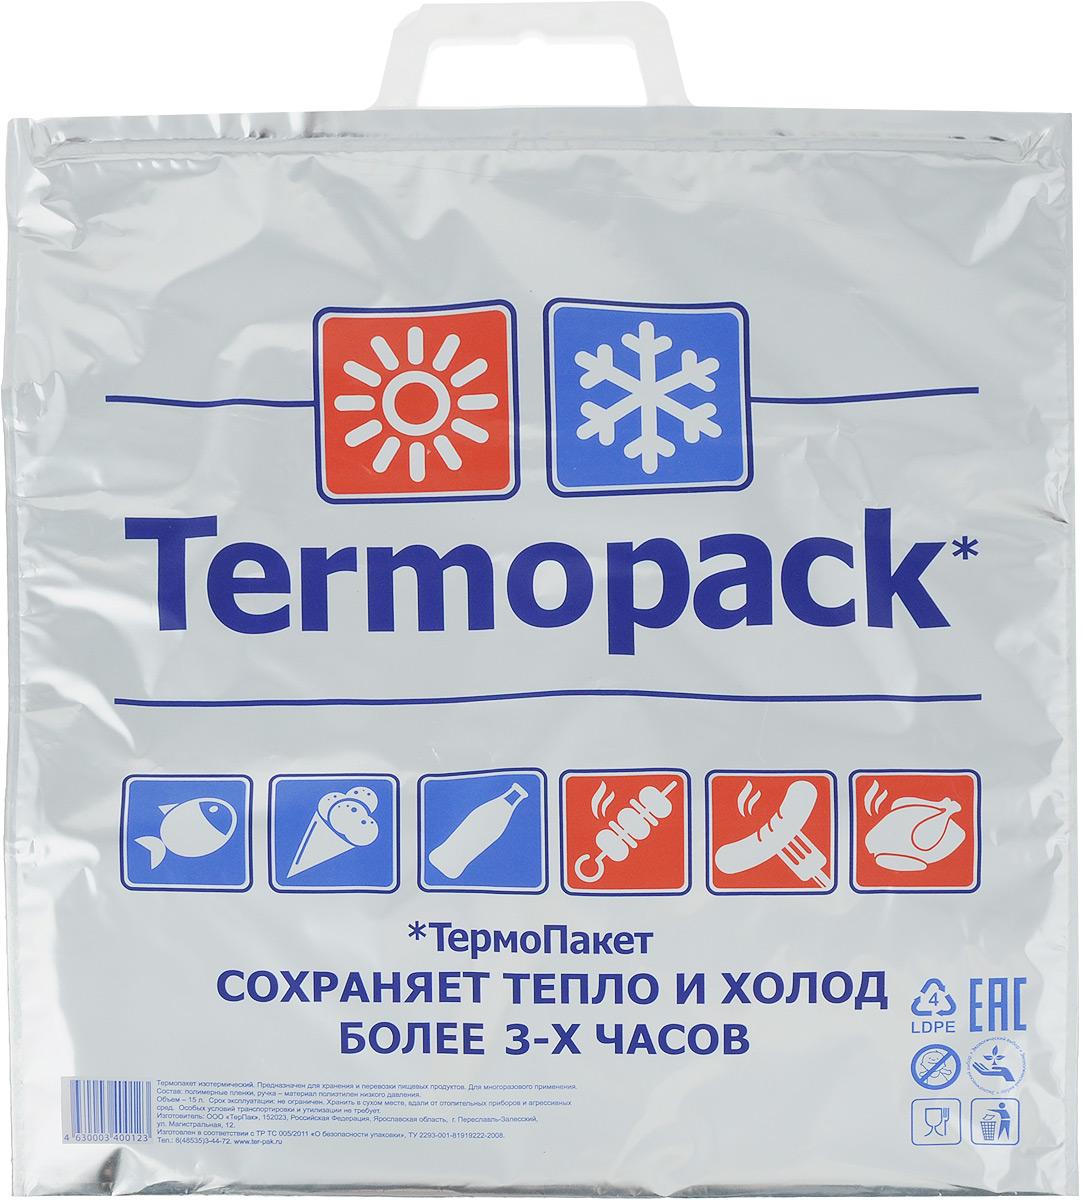 Термопакет ТерПак, цвет: серебристый, 42 х 45 см3562Удобный и практичный термопакет ТерПак многоразового использования изнутри покрыт специальным отражающим материалом и создан для того, чтобы как можно дольше сохранить еду свежей. Пакет предназначен для транспортировки и хранения горячих/холодных продуктов. Пакет сохраняет тепло и холод до трех часов. Надежные пластиковые застежки удобны в использовании, позволяют быстро закрыть пакет и не дадут ему случайно открыться.Размер: 41 см х 45 см. Объем: 15 л.